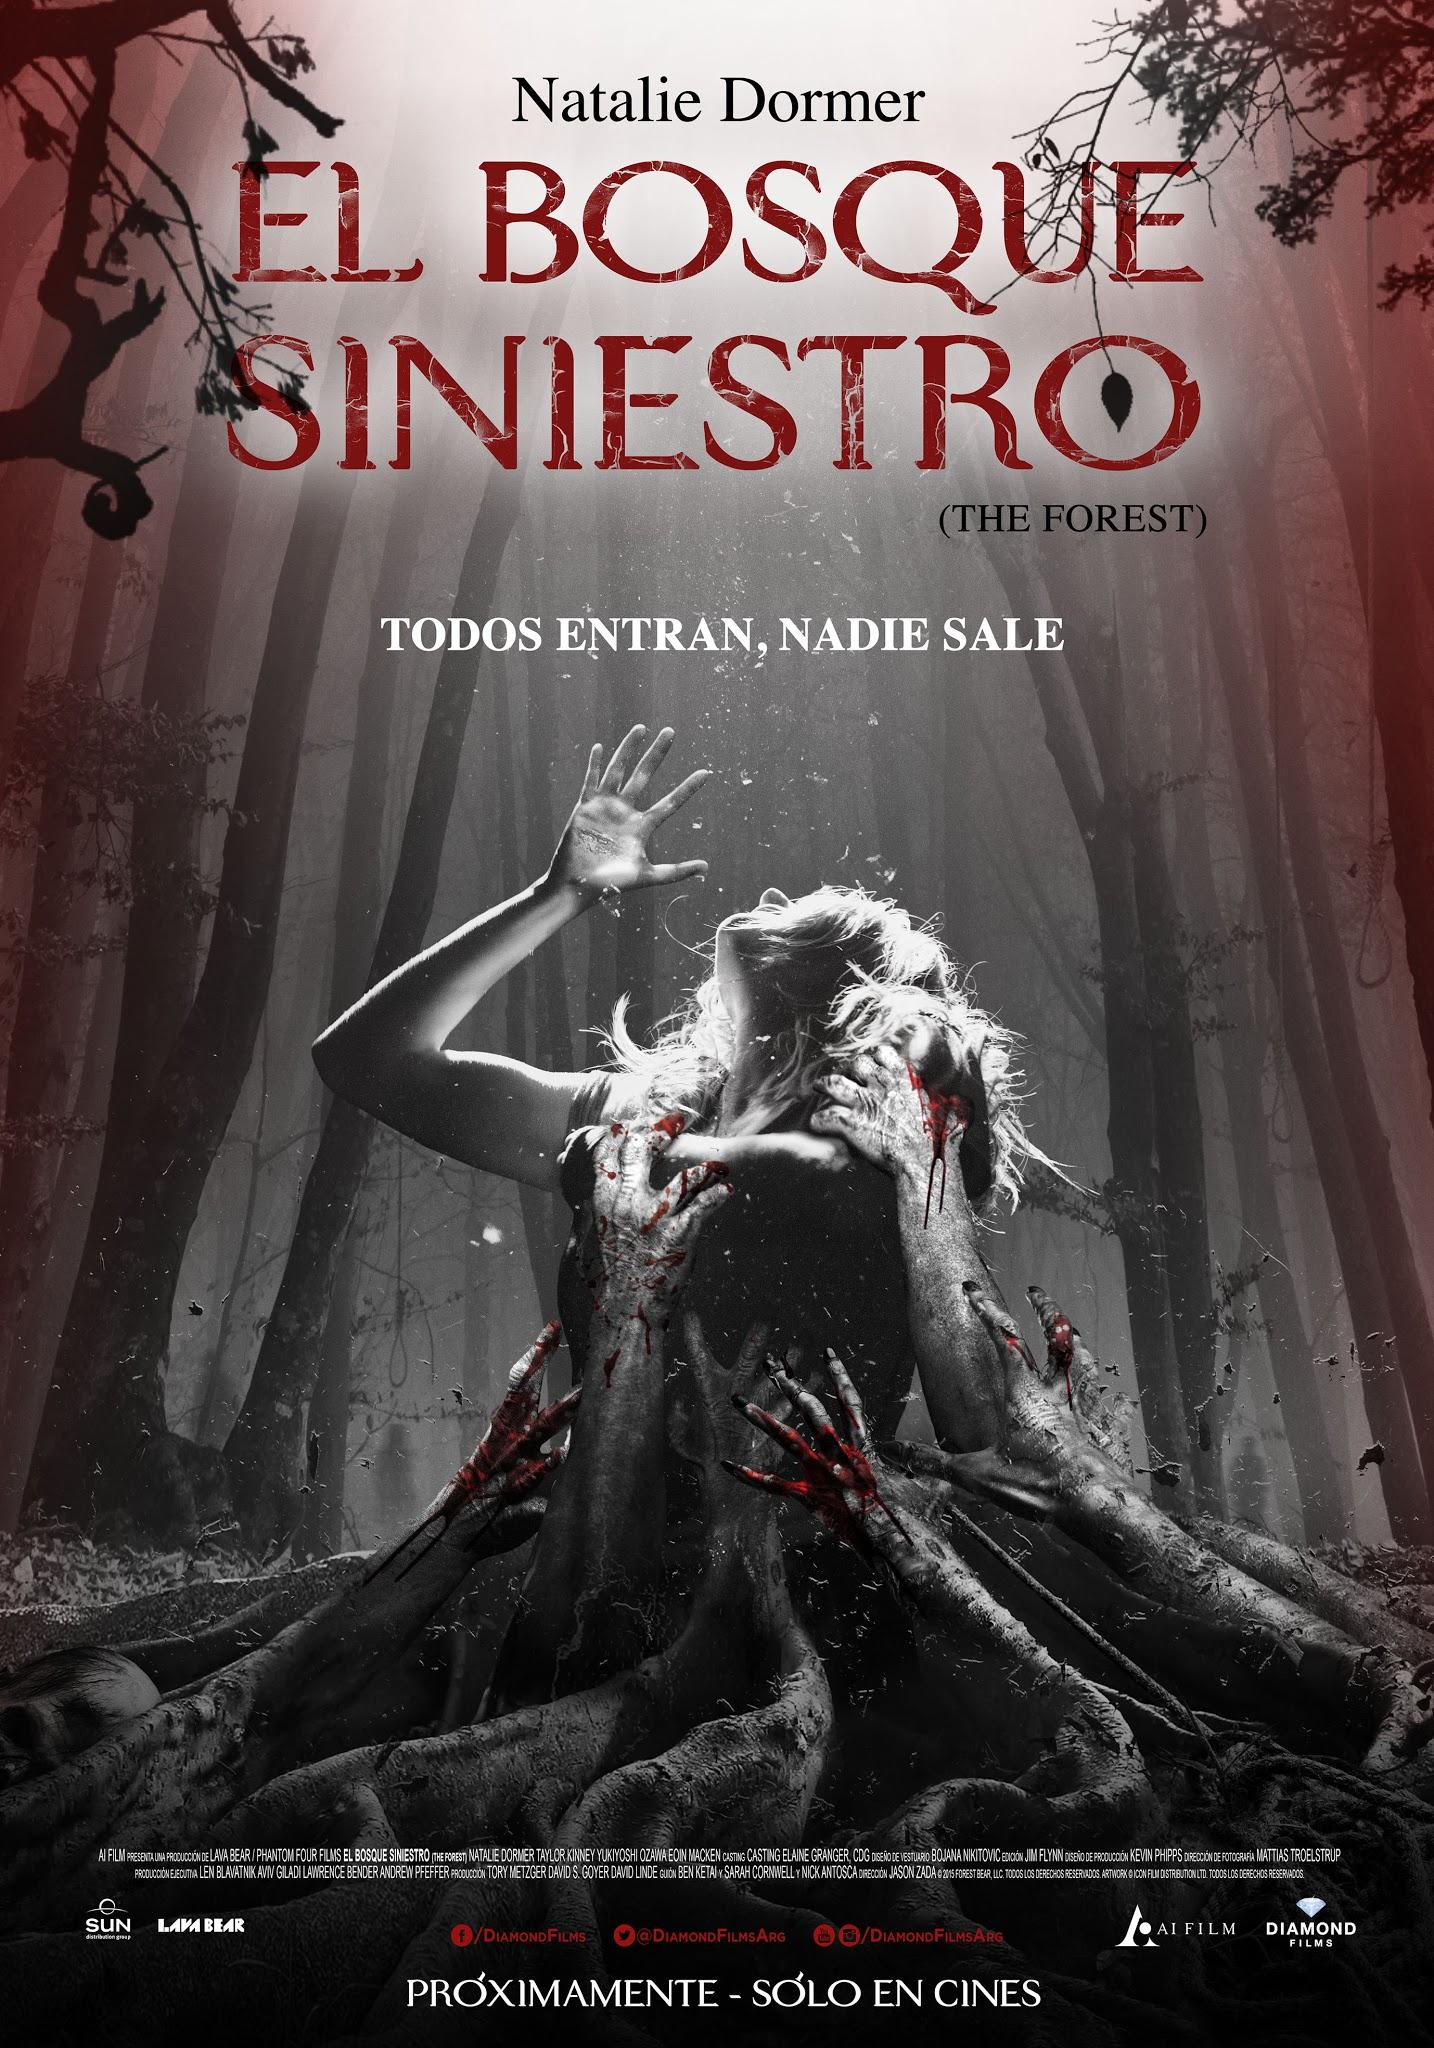 el bosque latino personals Película el bosque siniestro 2016 online completa español latino hd mhg loading  perdido en el bosque película completa en español drama, .